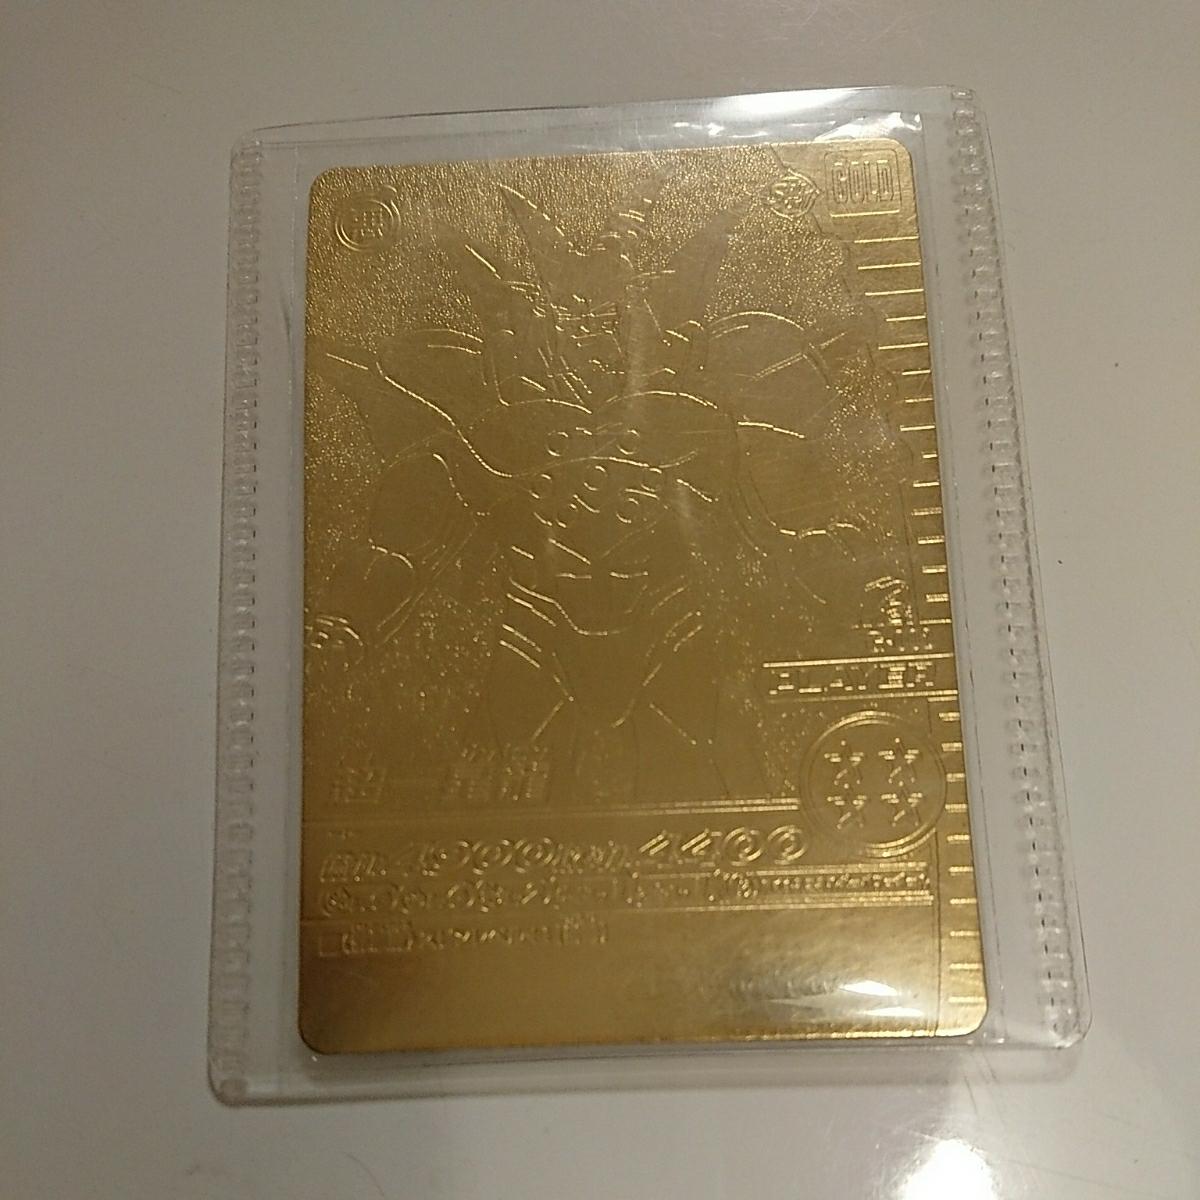 「限定100枚」「美品」ドラゴンボールW爆裂インパクト ゴールド神龍キャンペーン_画像3